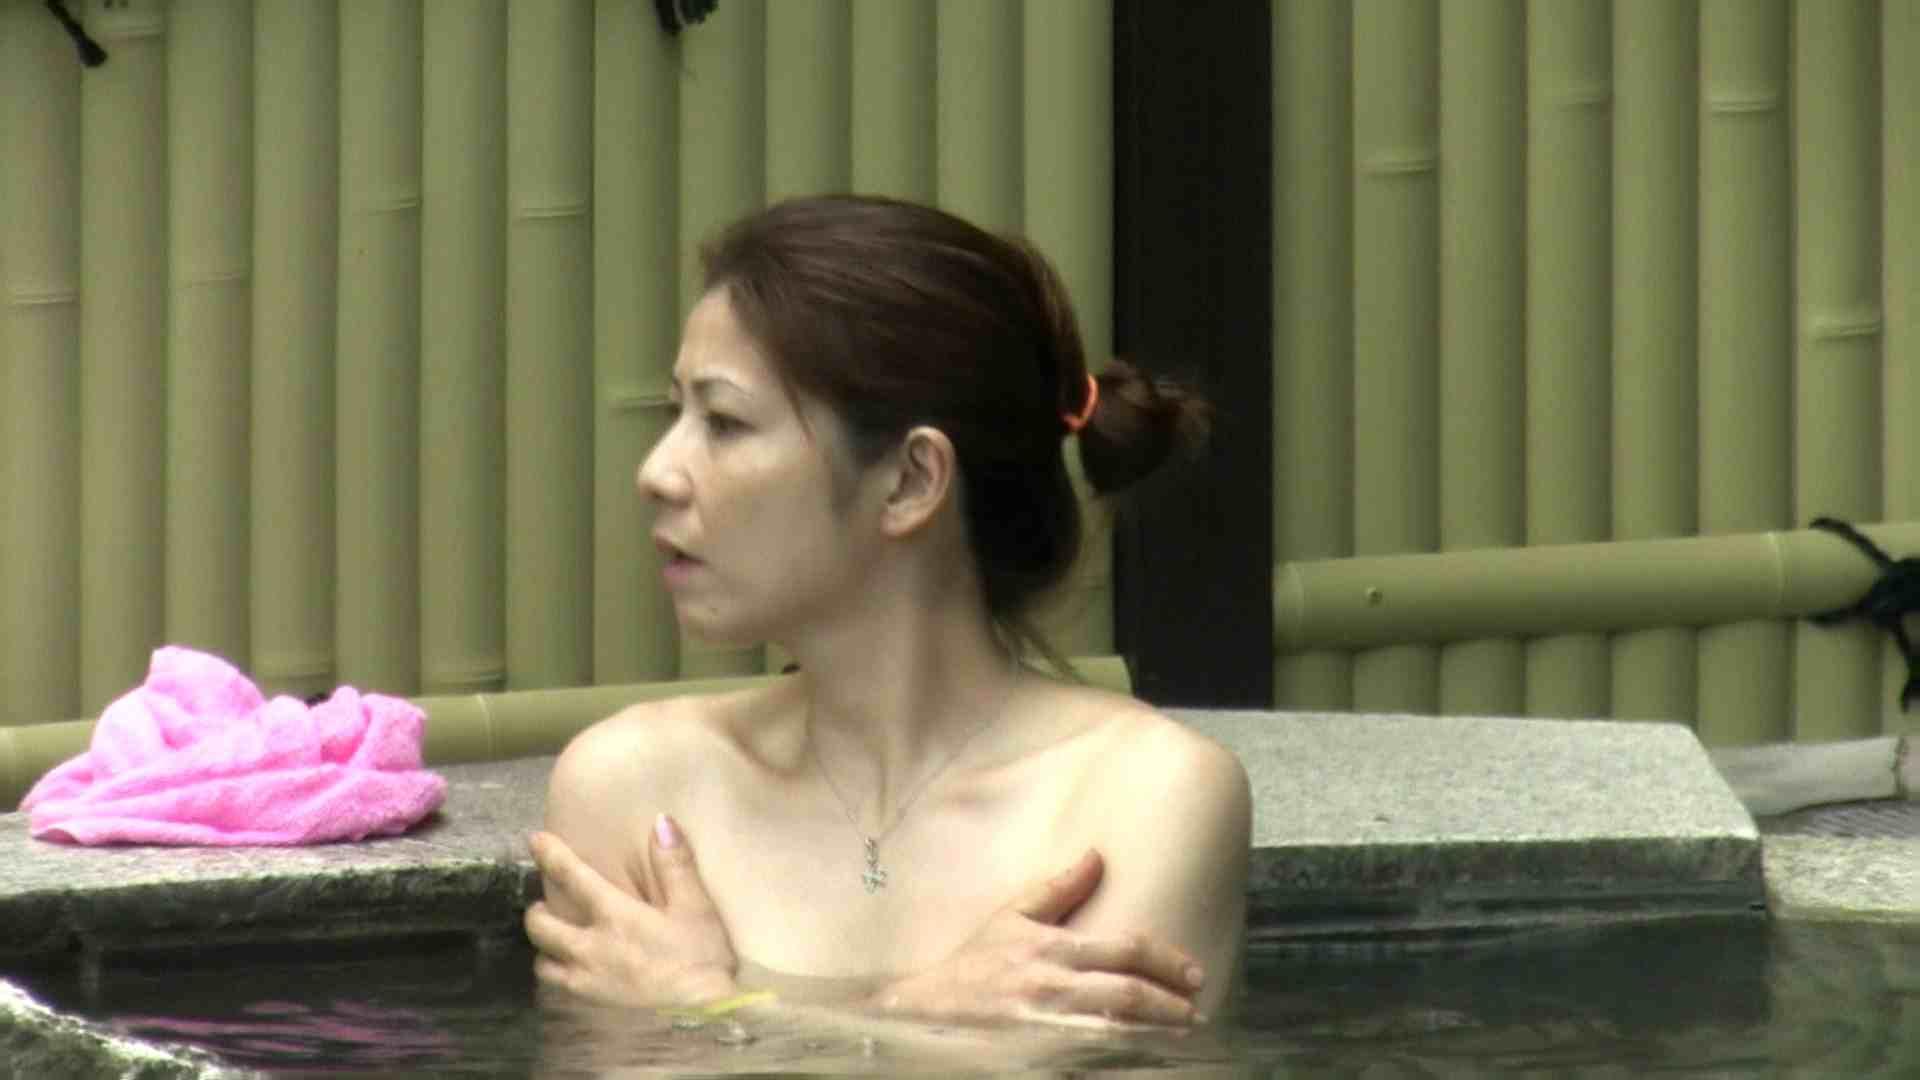 Aquaな露天風呂Vol.660 露天 | 盗撮  102pic 4